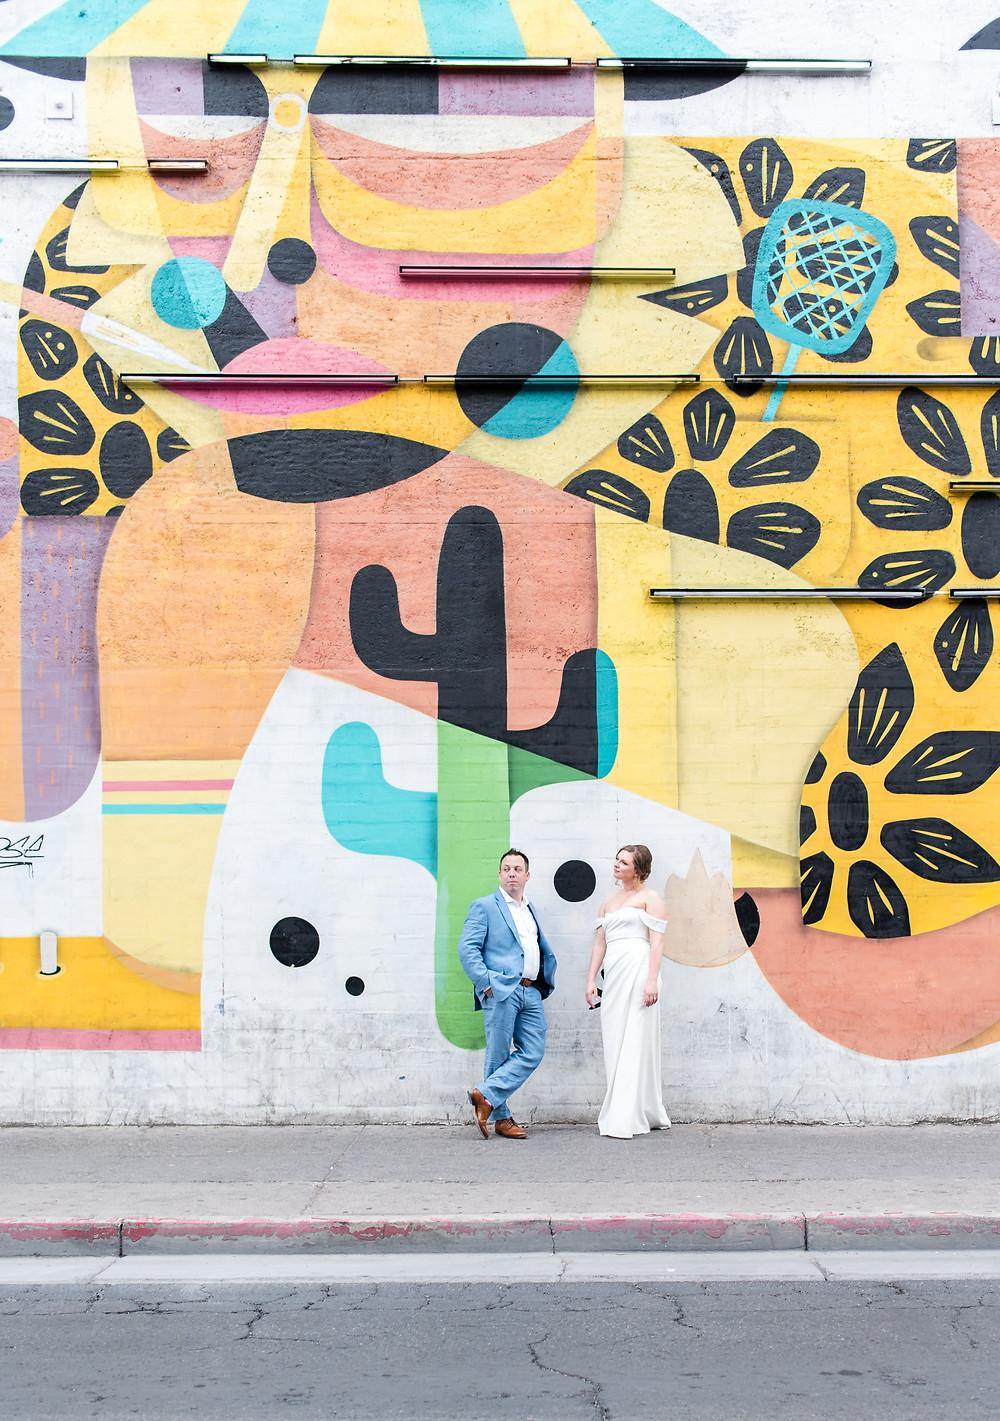 las vegas, vegas wedding, wedding, las vegas photographer, destination wedding, elopement, downtown art mural, art mural, neon, portraits, bride and groom, photography, just married, vegas weddings